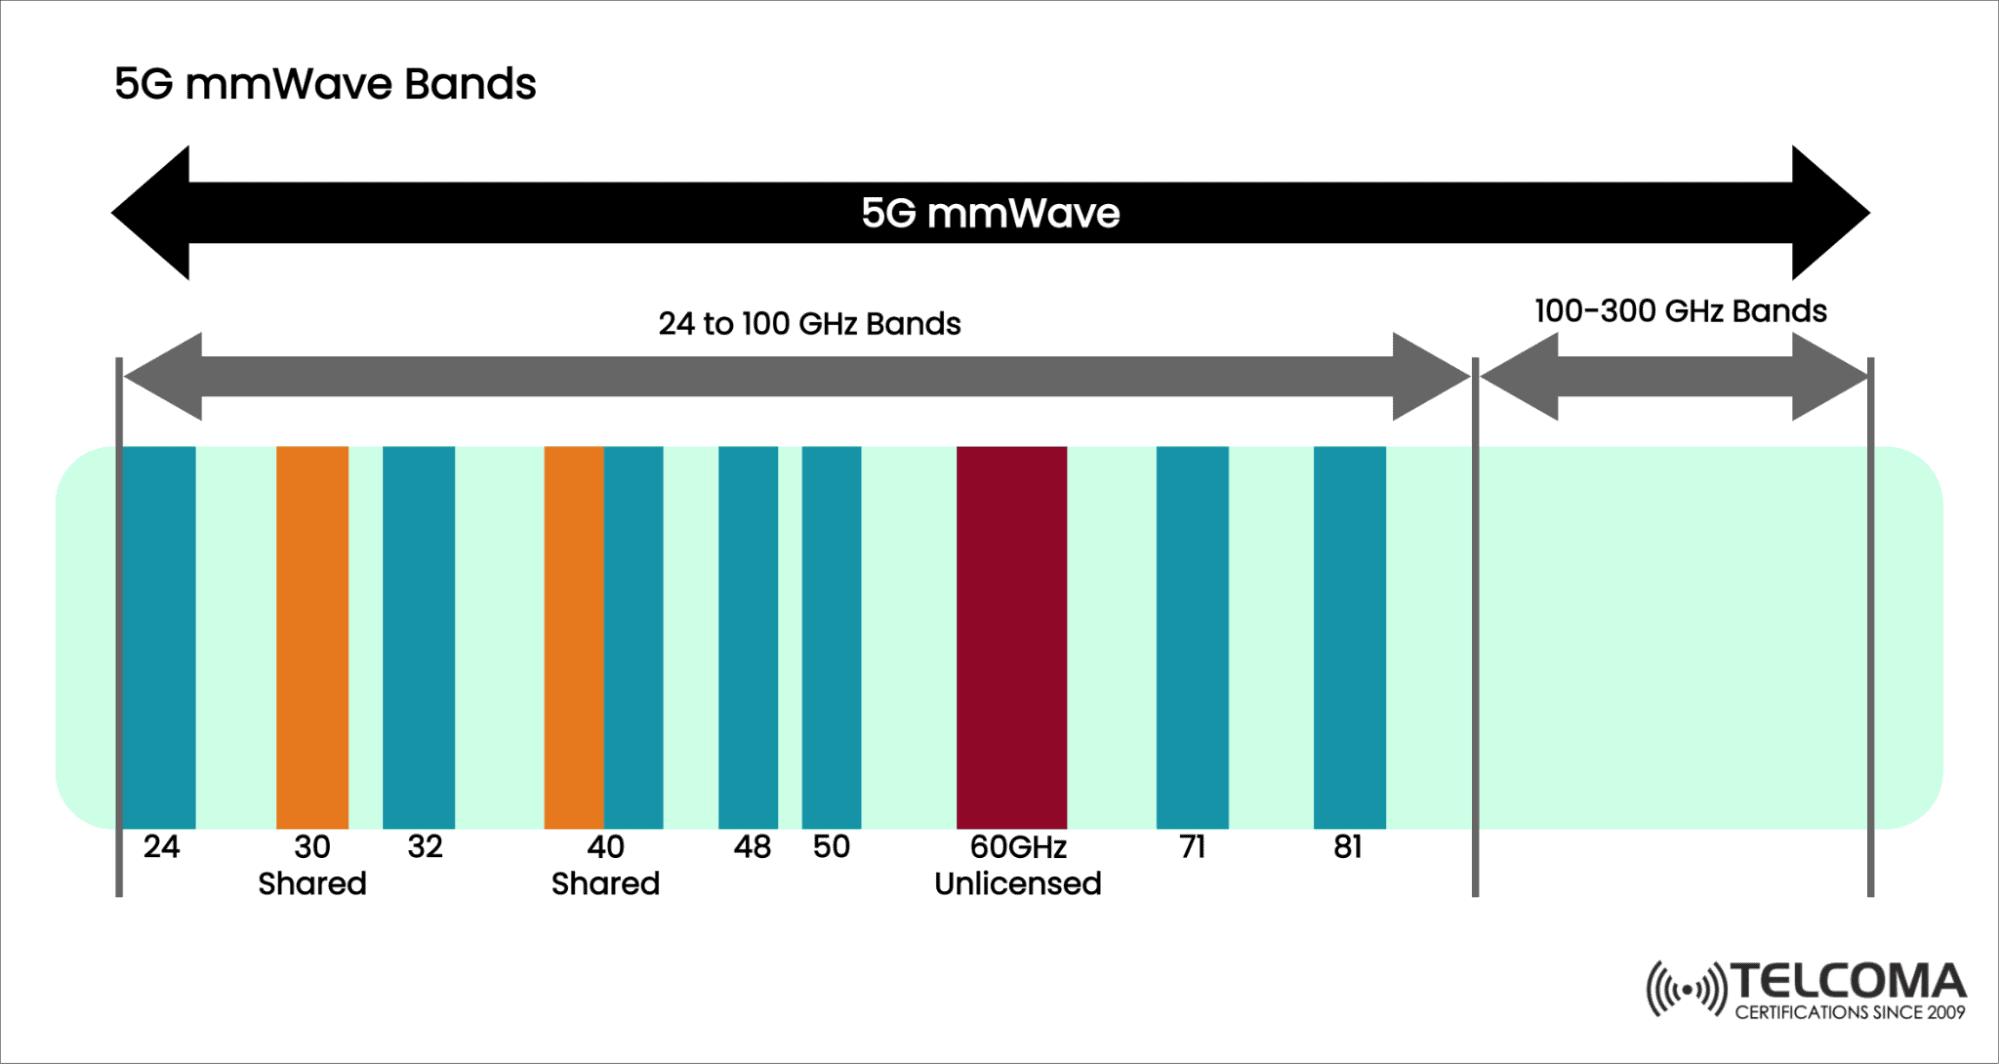 5g mmwave bands